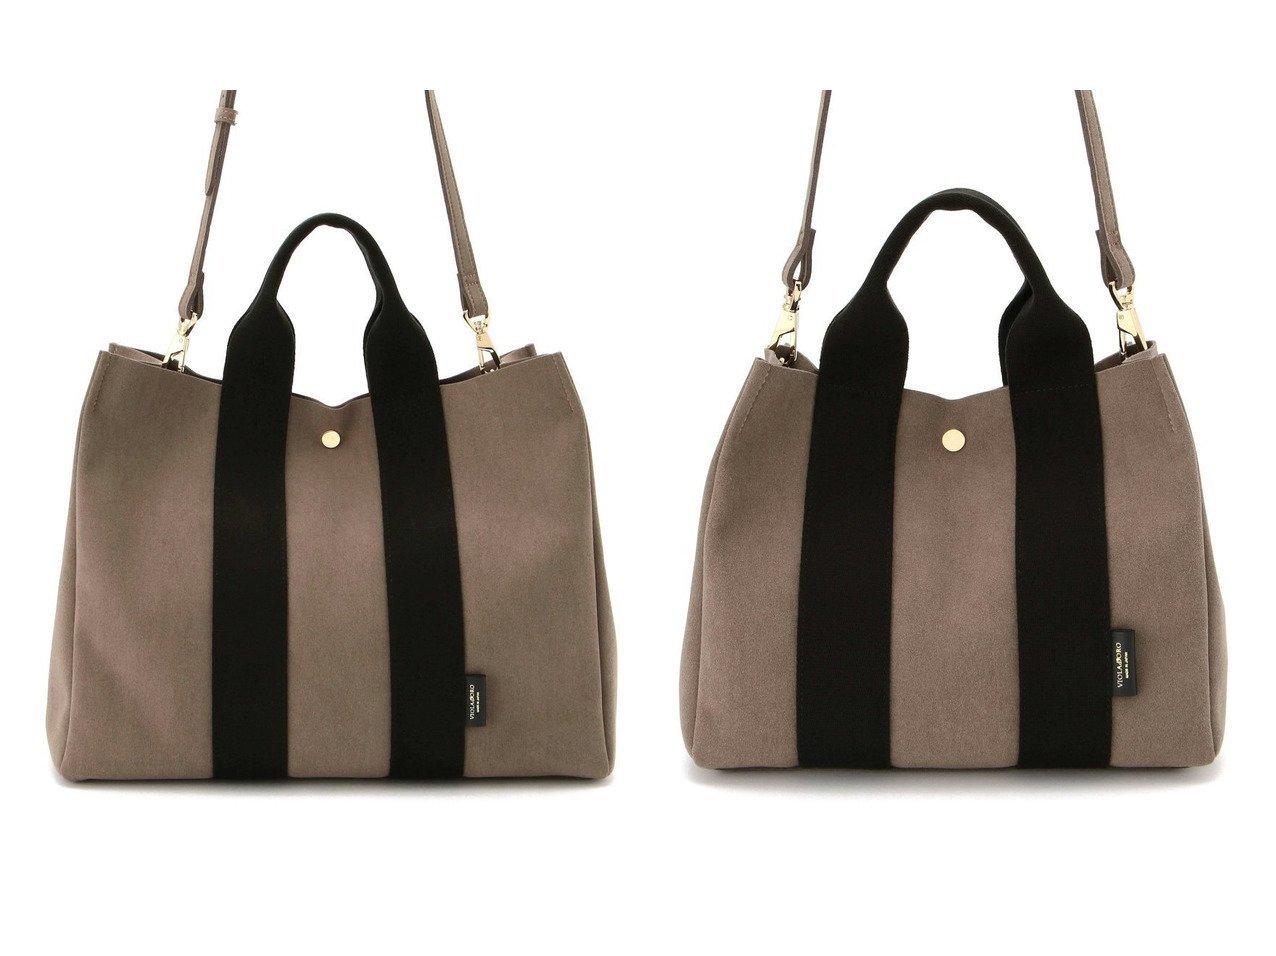 【B'2nd/ビーセカンド】のVIOLAd ORO (ヴィオラドーロ) ショルダー付き大トート&VIOLAd ORO (ヴィオラドーロ) ショルダー付き小トート バッグ・鞄のおすすめ!人気、トレンド・レディースファッションの通販 おすすめで人気の流行・トレンド、ファッションの通販商品 メンズファッション・キッズファッション・インテリア・家具・レディースファッション・服の通販 founy(ファニー) https://founy.com/ ファッション Fashion レディースファッション WOMEN バッグ Bag ショルダー シンプル トートバック ファブリック 再入荷 Restock/Back in Stock/Re Arrival |ID:crp329100000022619